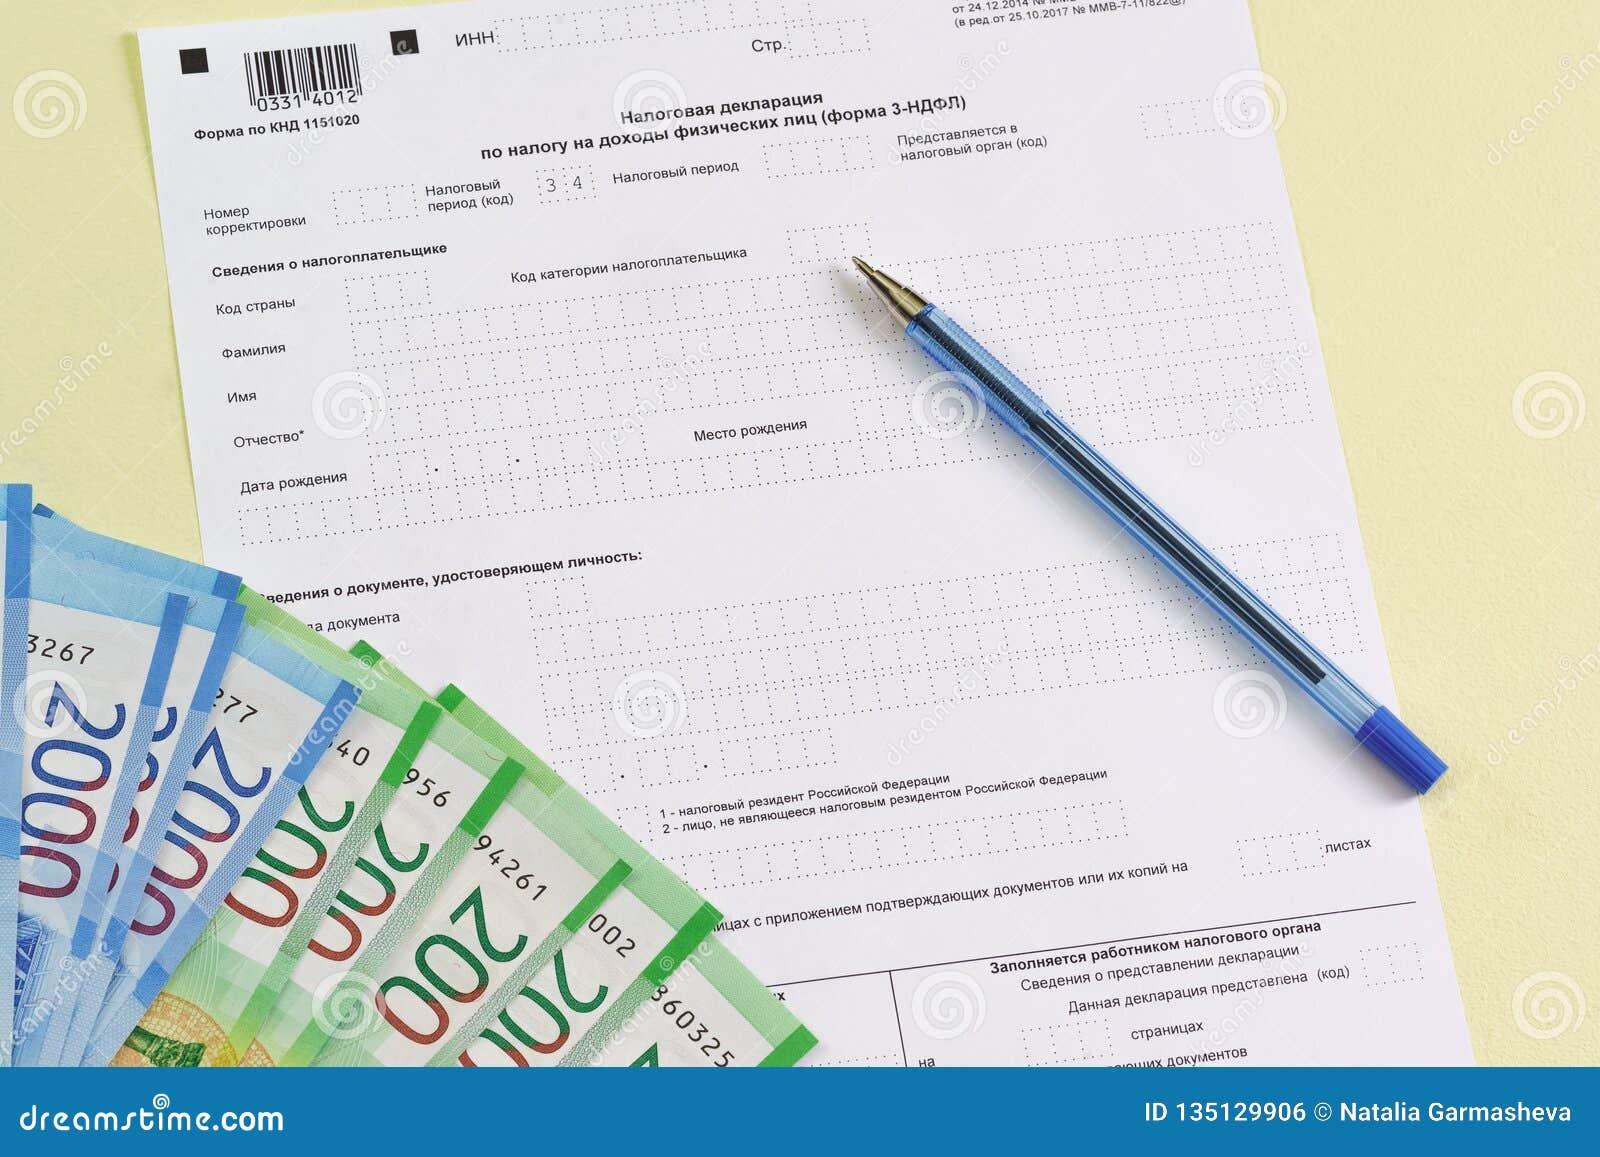 De lege vorm van het belastingsdocument in de Russische taal 'Verklaring op de belasting aan inkomens van fysieke personen '